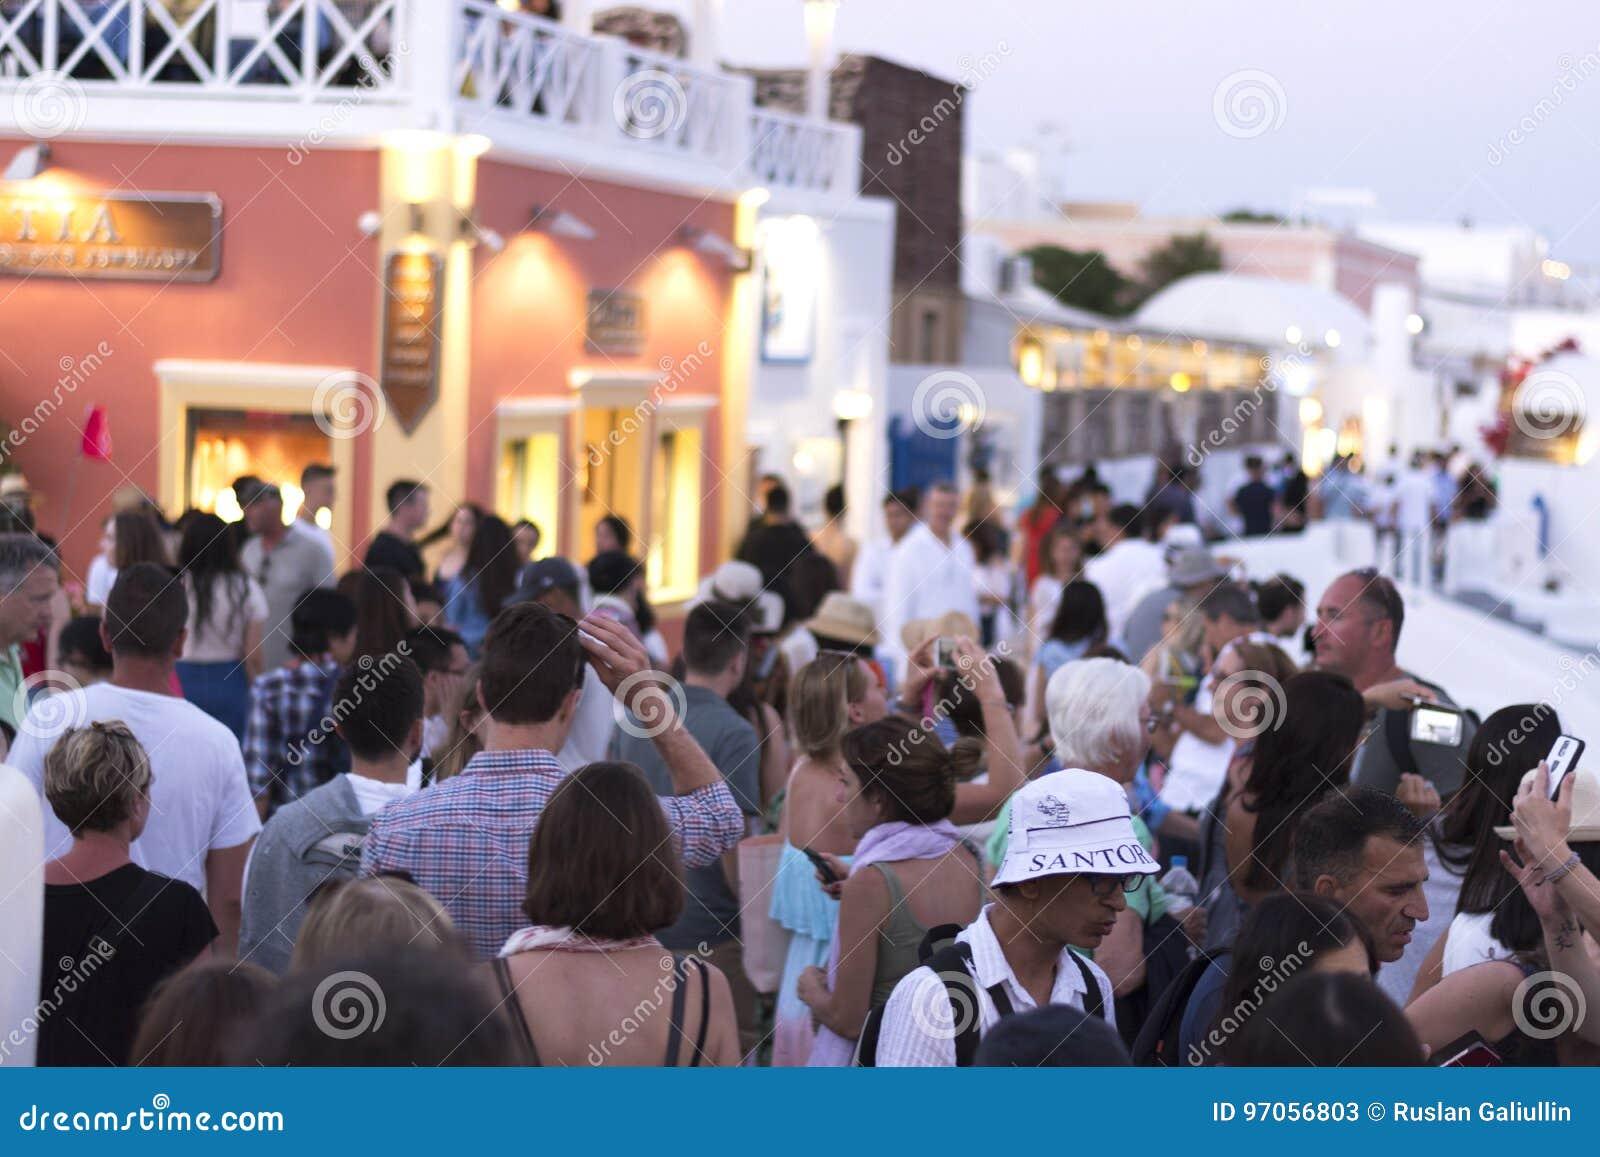 Oia Santorini, GREKLAND - Juni 9, 2017: EN FOLKMASSA AV TURISTER VÄNTAR PÅ DEN BERÖMDA SANTORINI-SOLNEDGÅNGEN